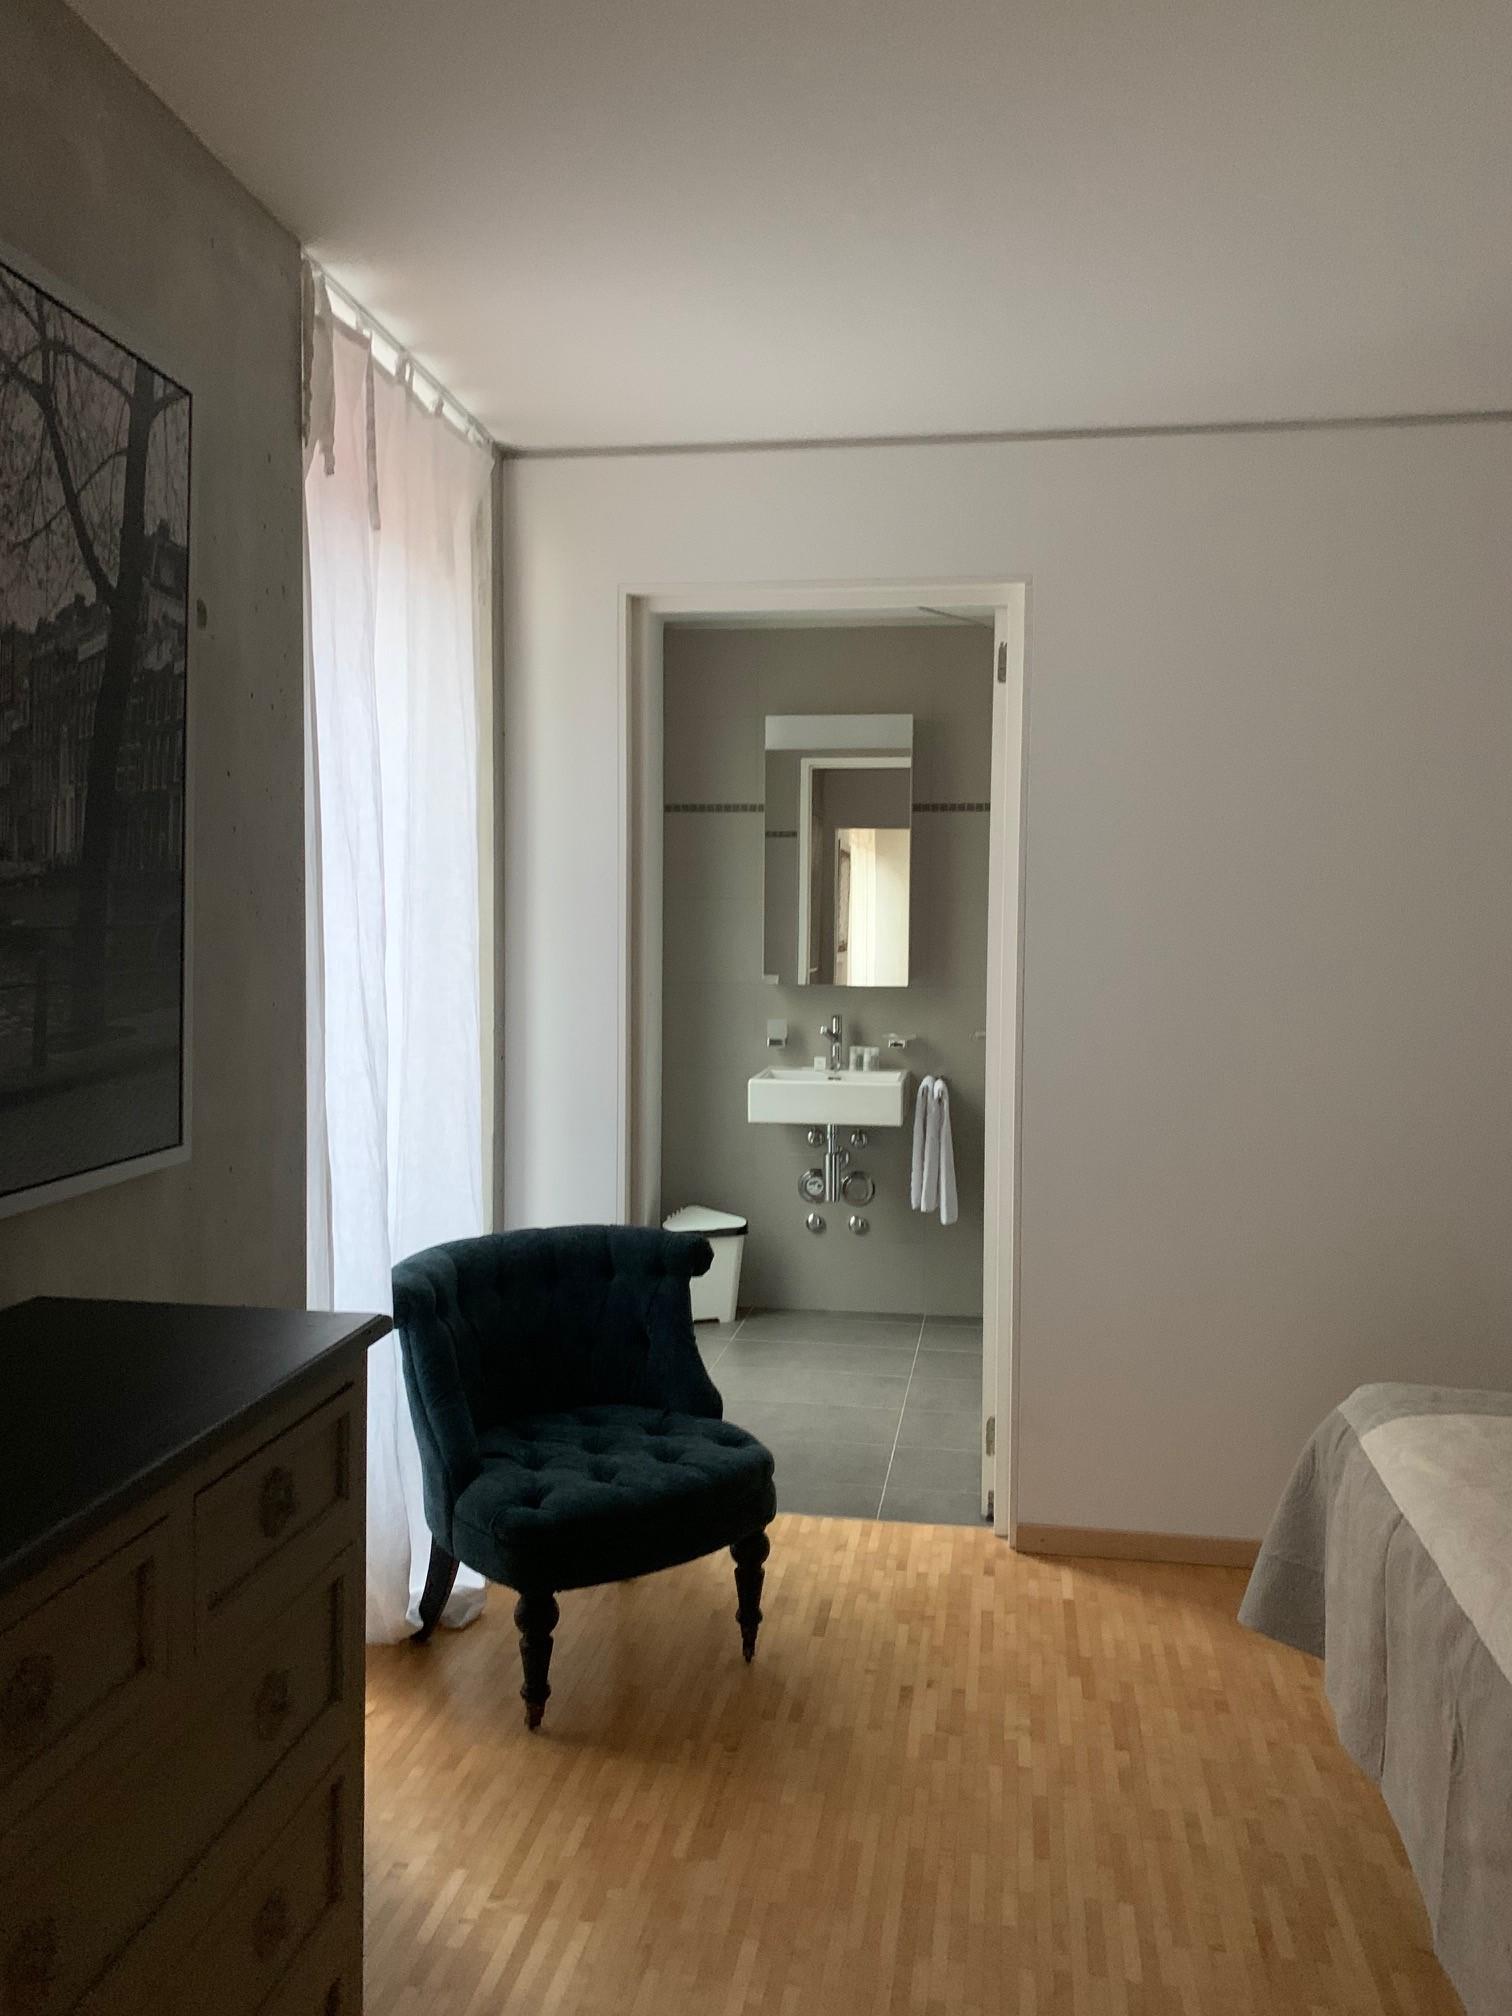 Rue du Flon 12, Lausanne - 2.5 pièces - Lot 3.3 2